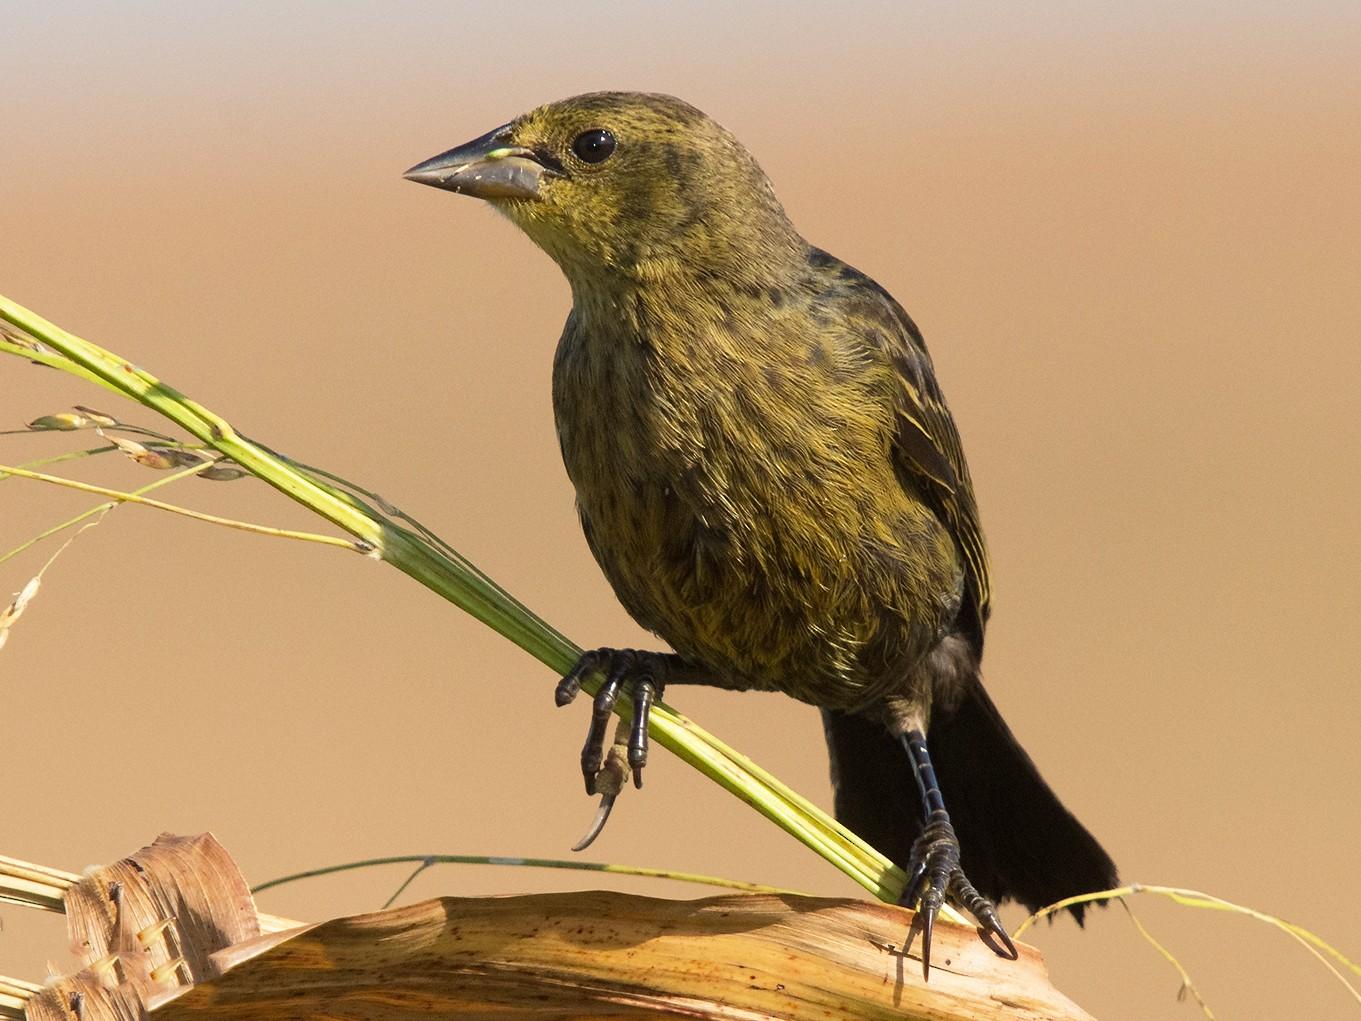 Chestnut-capped Blackbird - Marcelo Allende